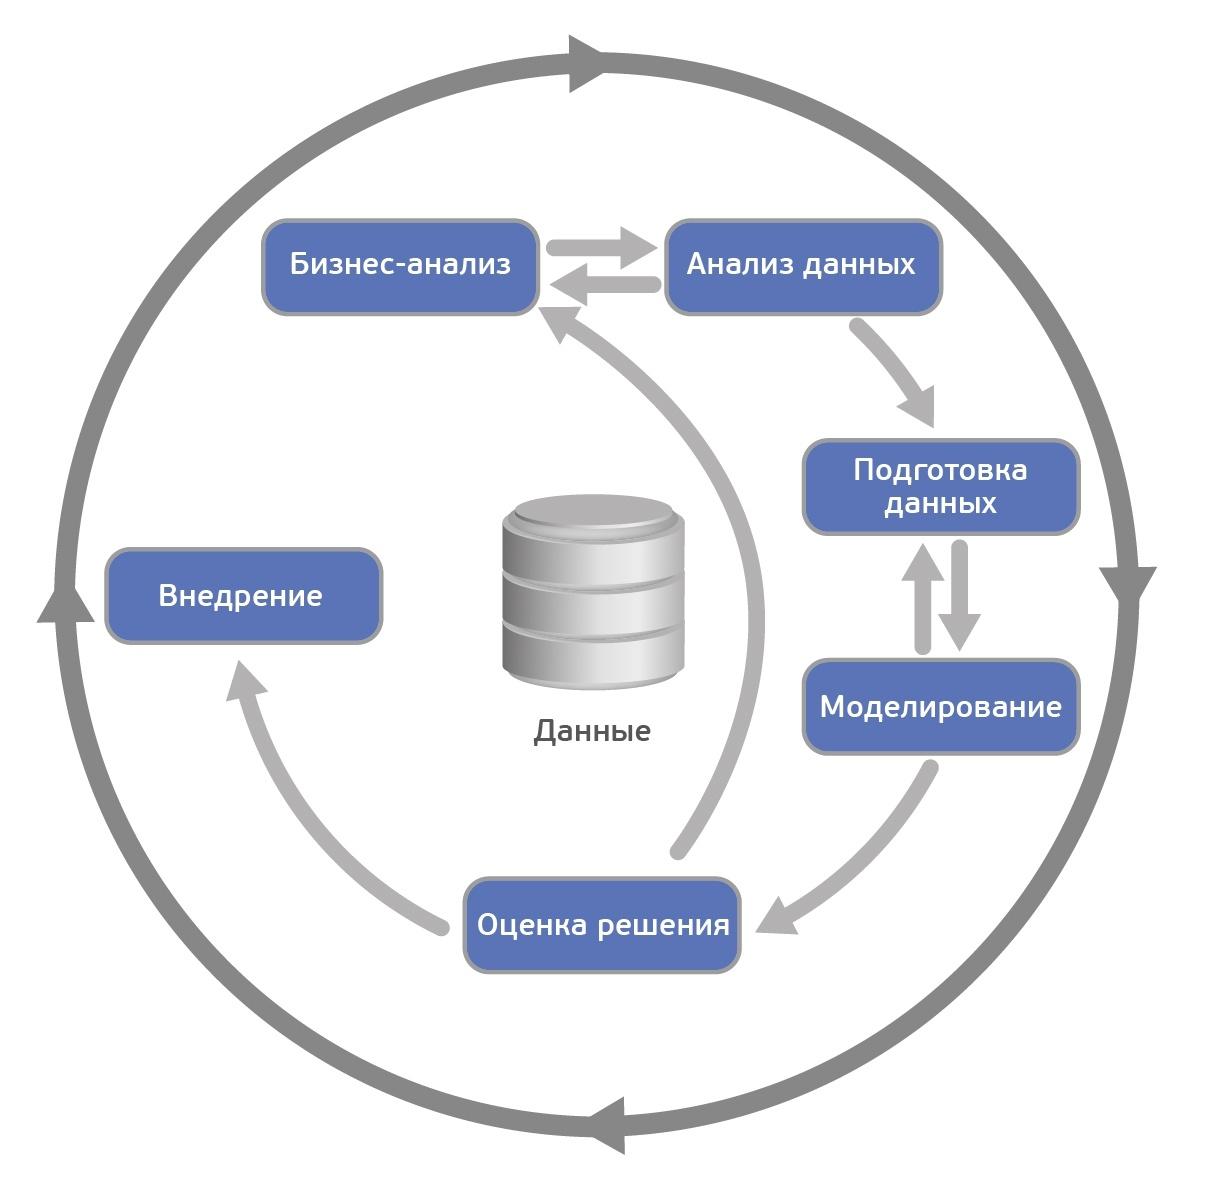 CRISP-DM: проверенная методология для Data Scientist-ов - 3